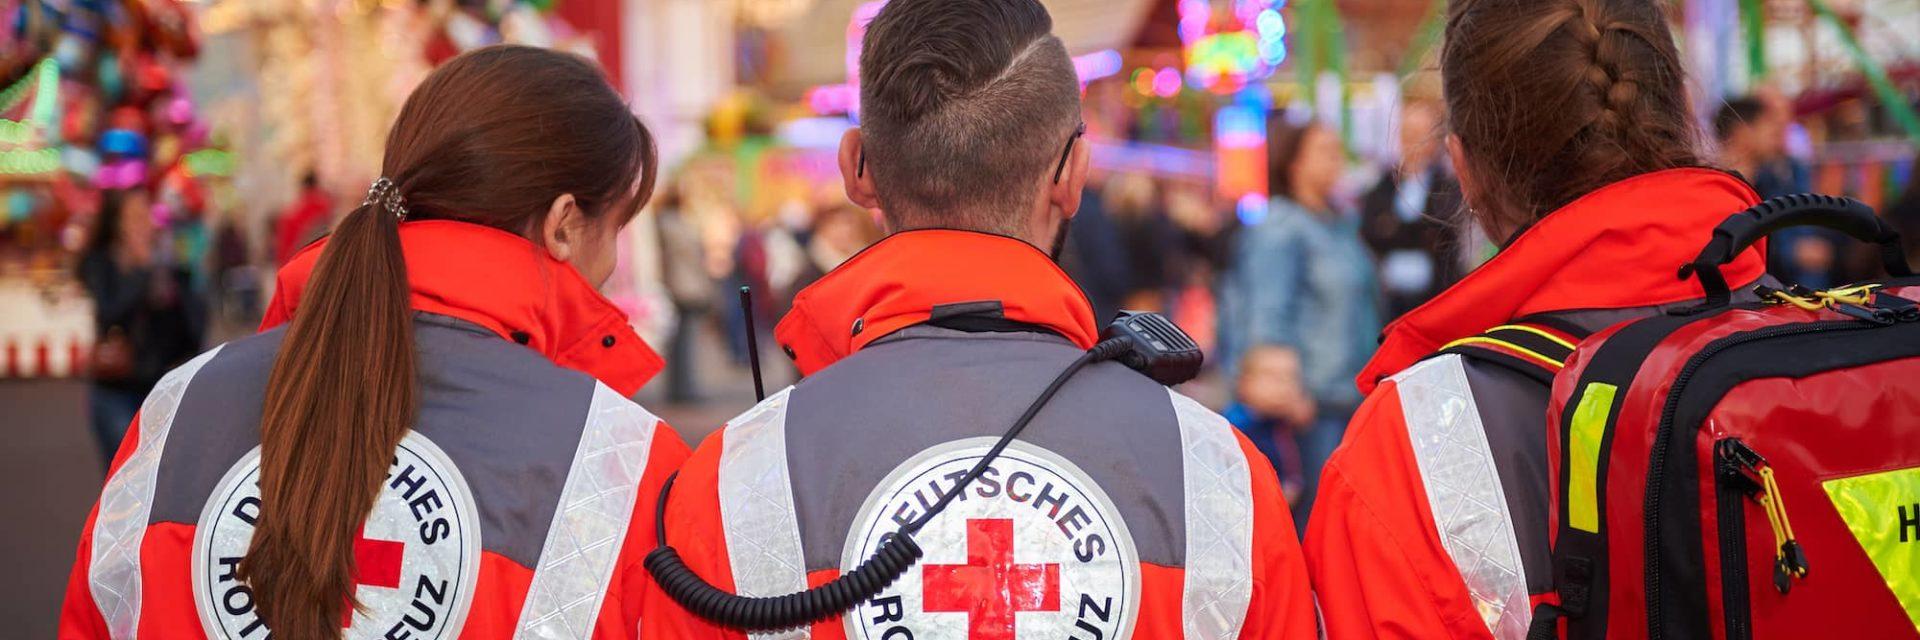 Deutsches rotes Kreuz Bremen, Sanitätsdienst